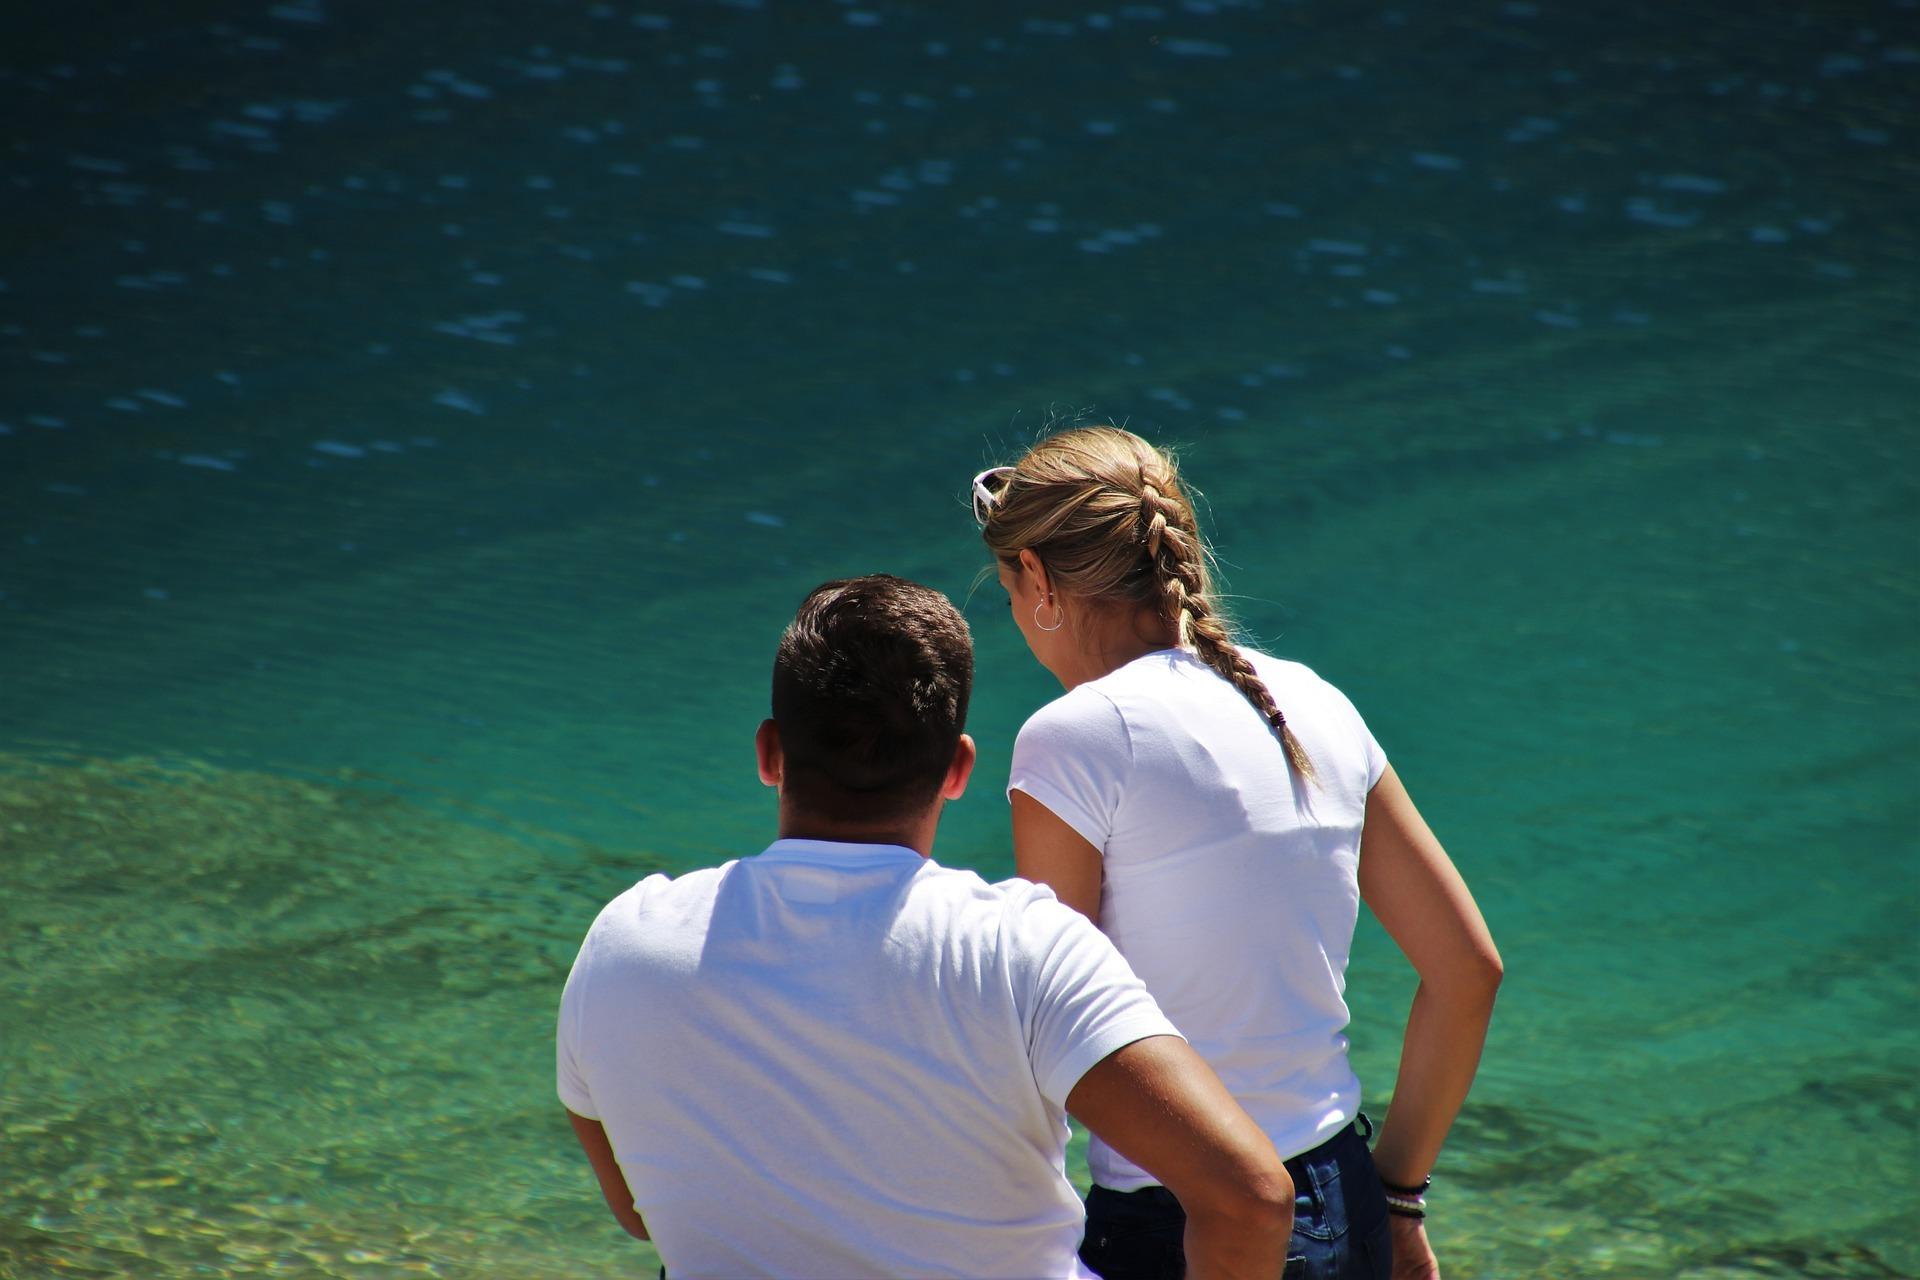 釣りの英語表現24選!海外でも使える会話のフレーズや用語をご紹介!